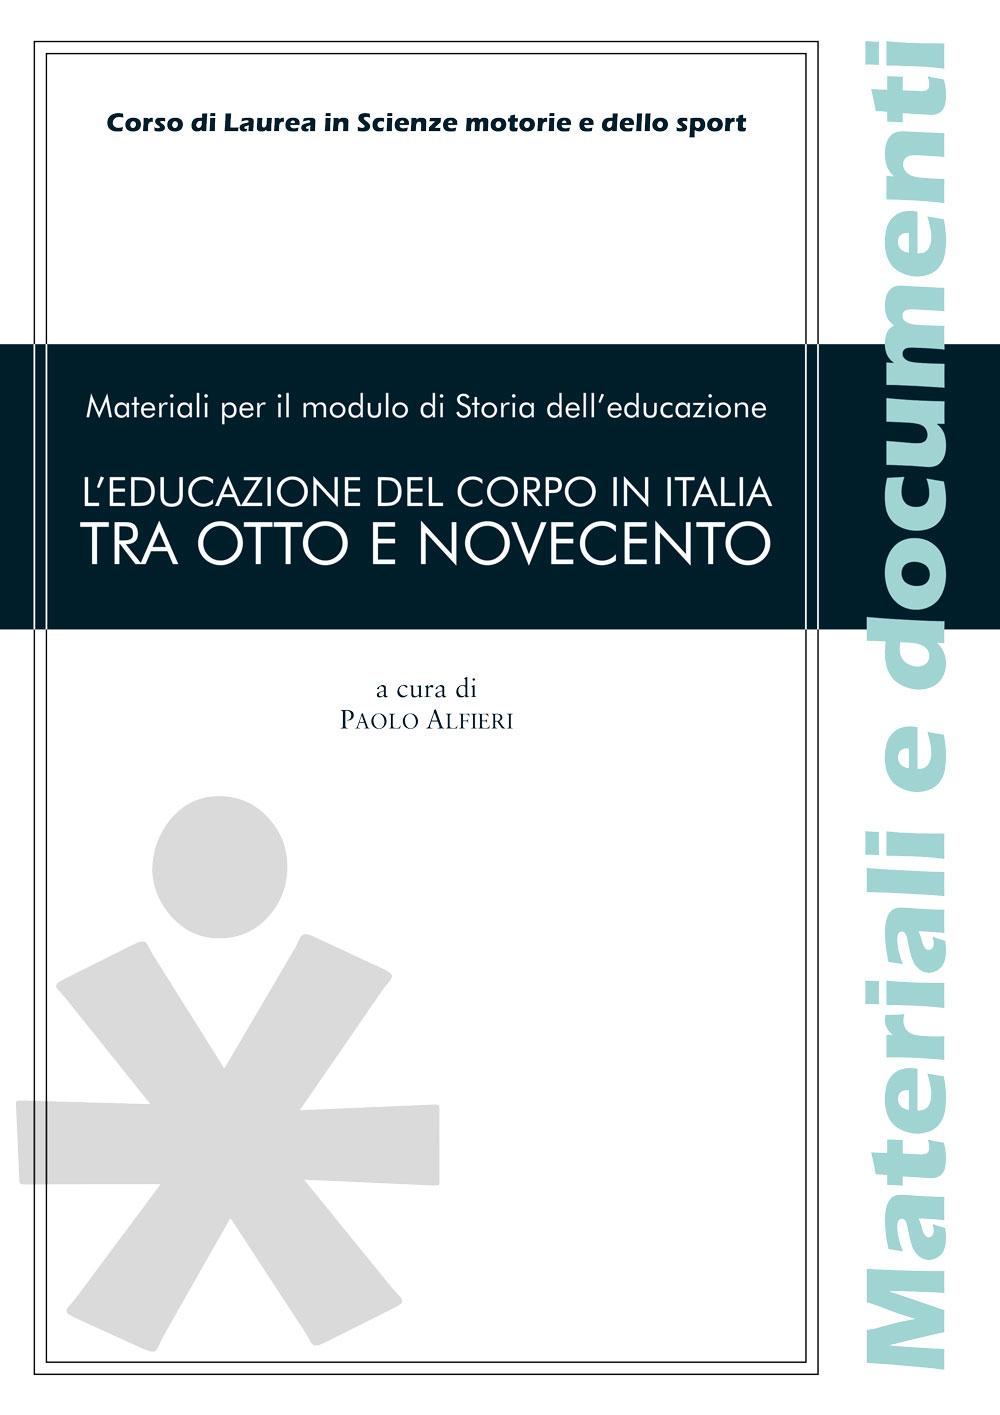 L'EDUCAZIONE DEL CORPO IN ITALIA TRA OTTO E NOVECENTO